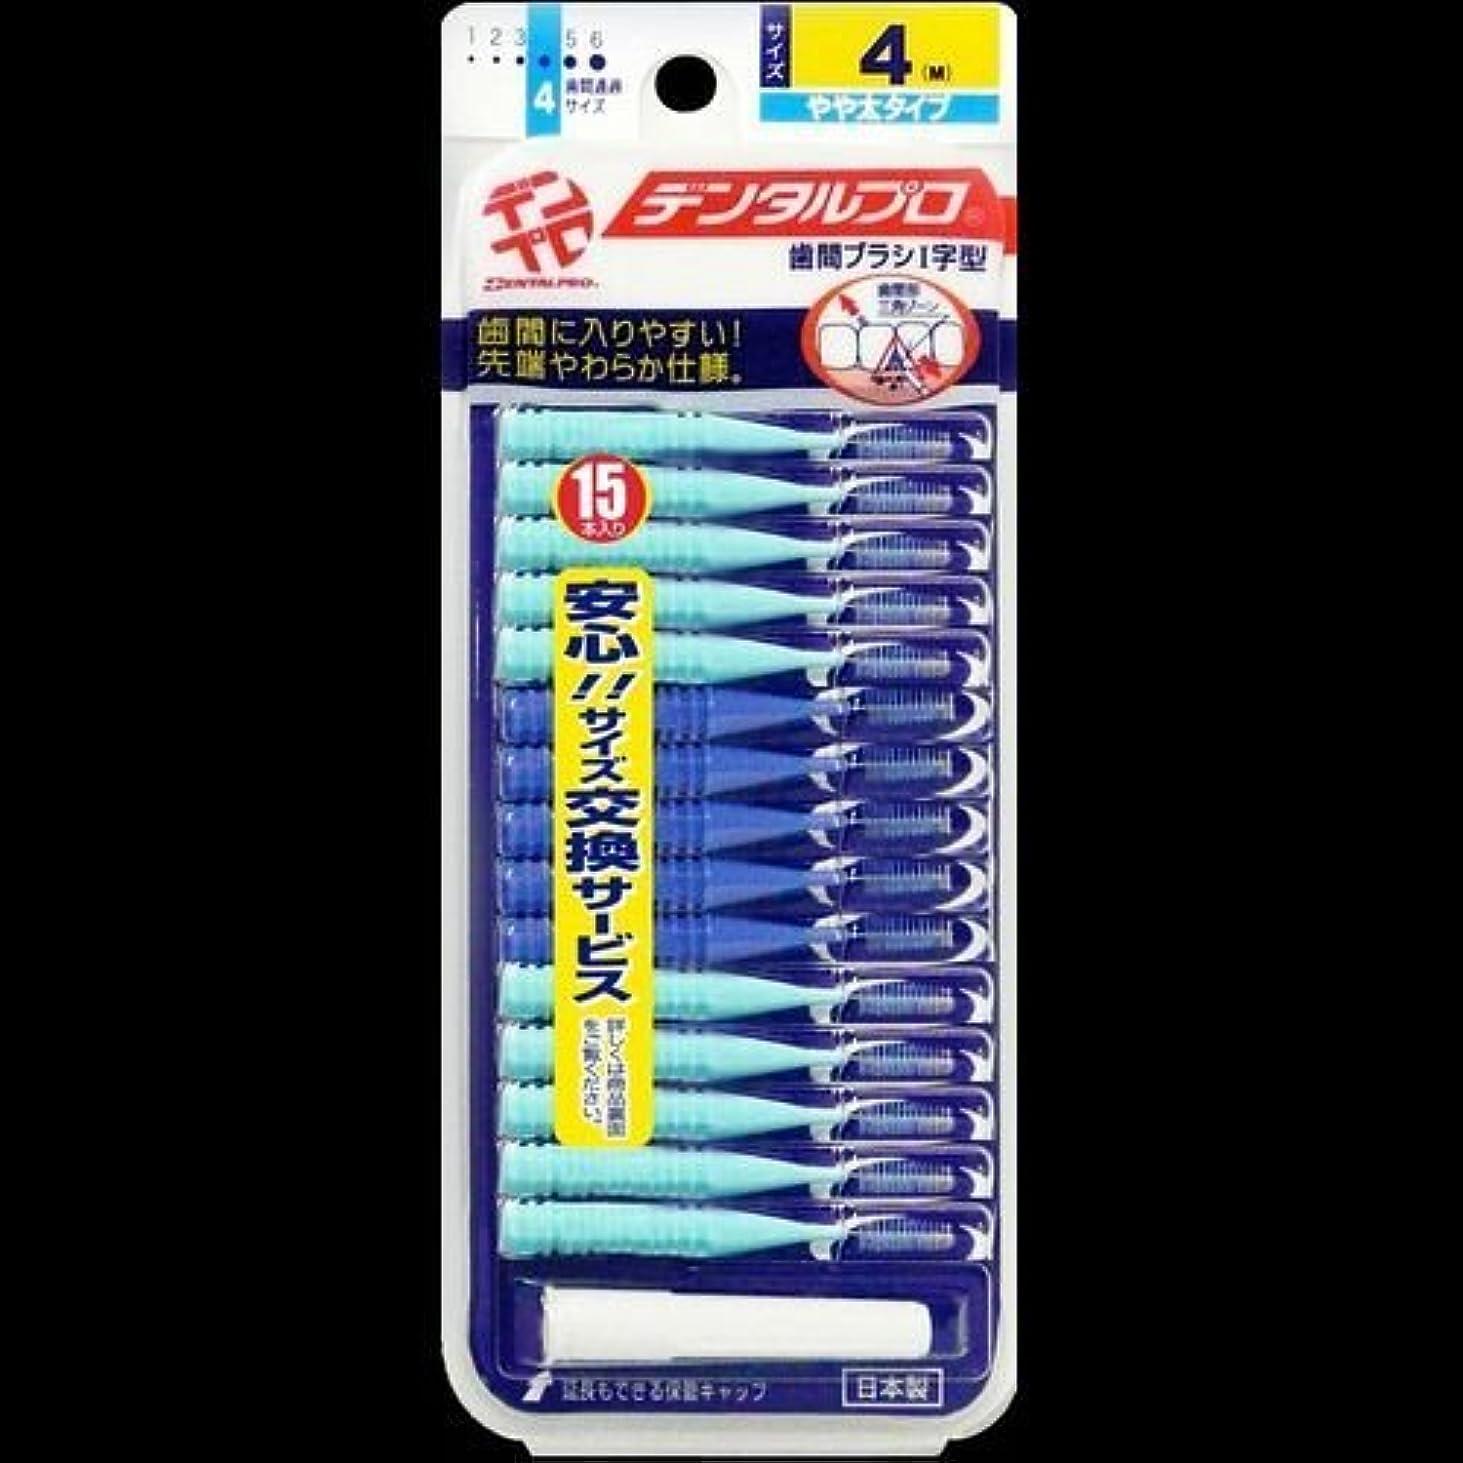 デンタルプロ 歯間ブラシ サイズ4M 15本入り ×2セット